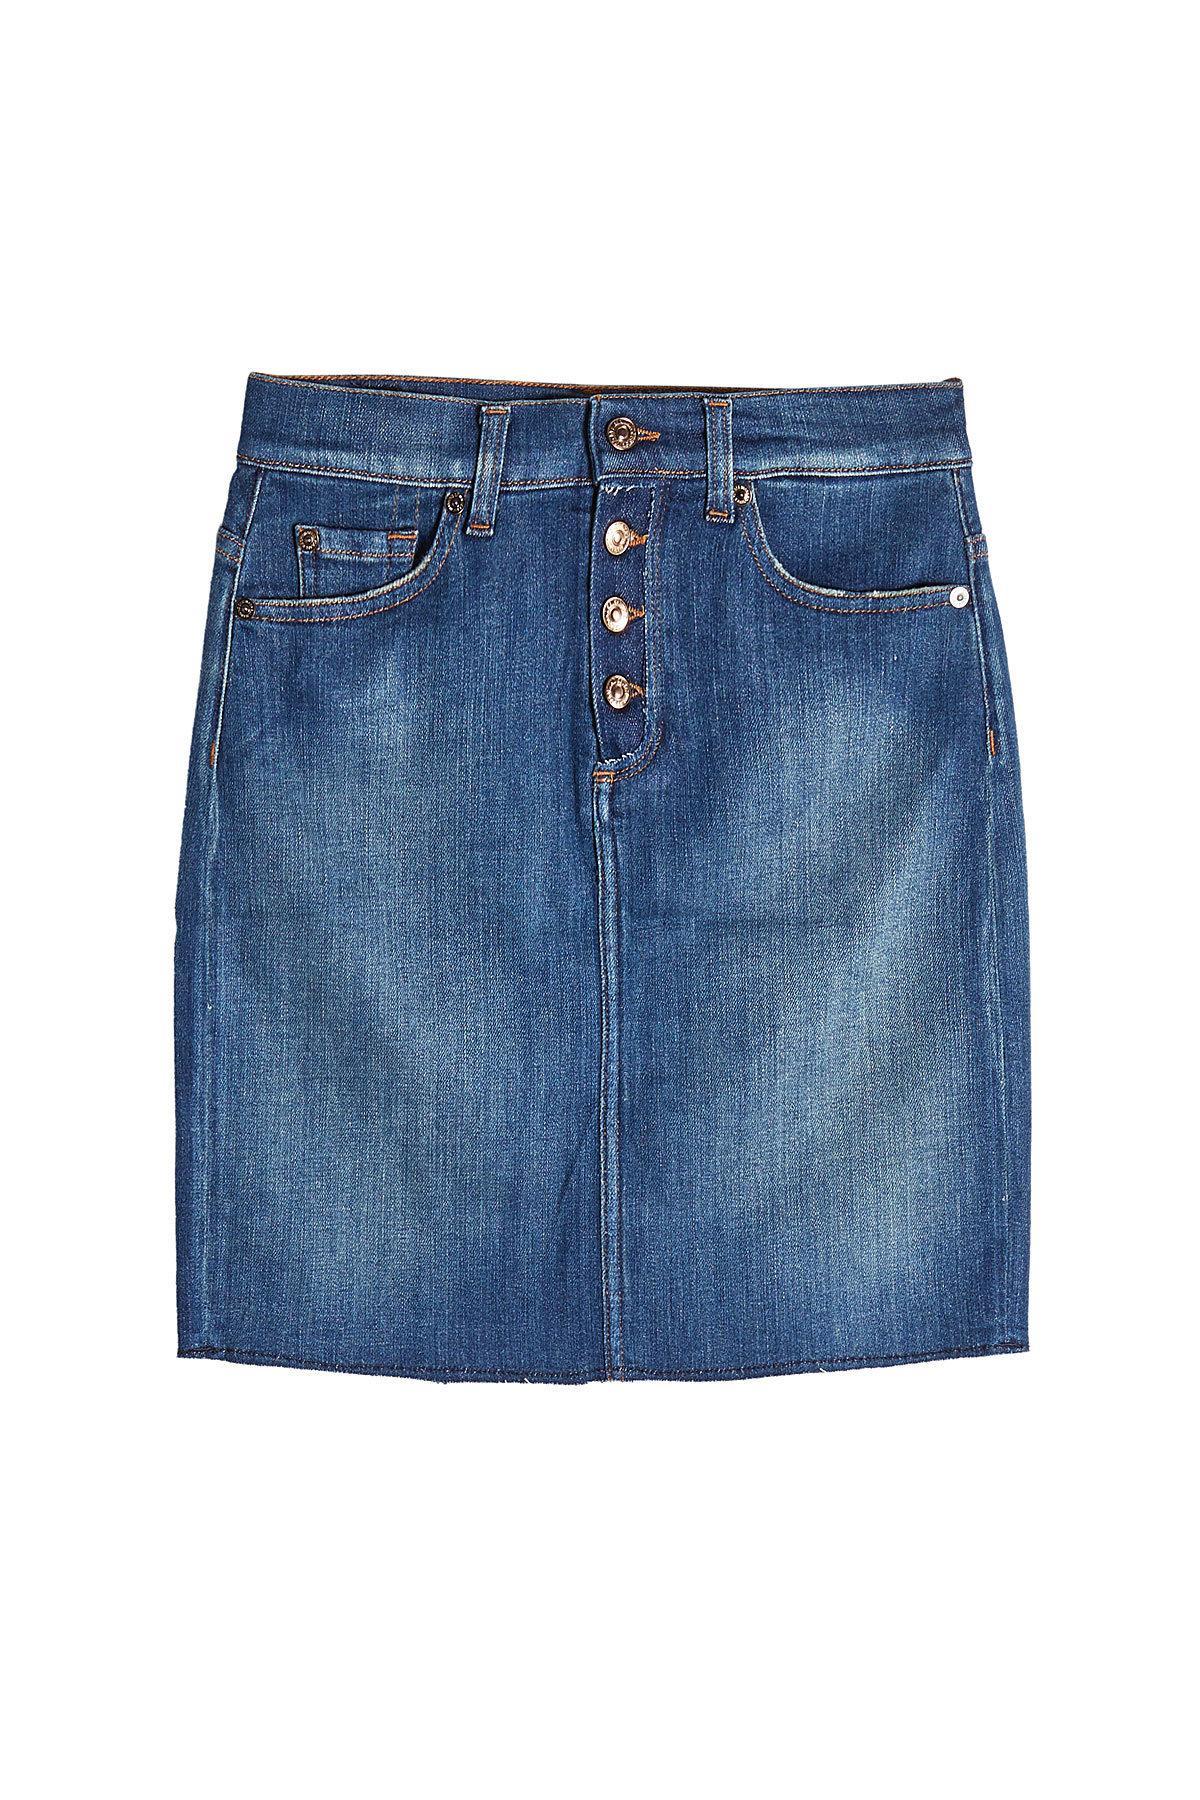 7 For All Mankind Mini Denim Skirt In Blue